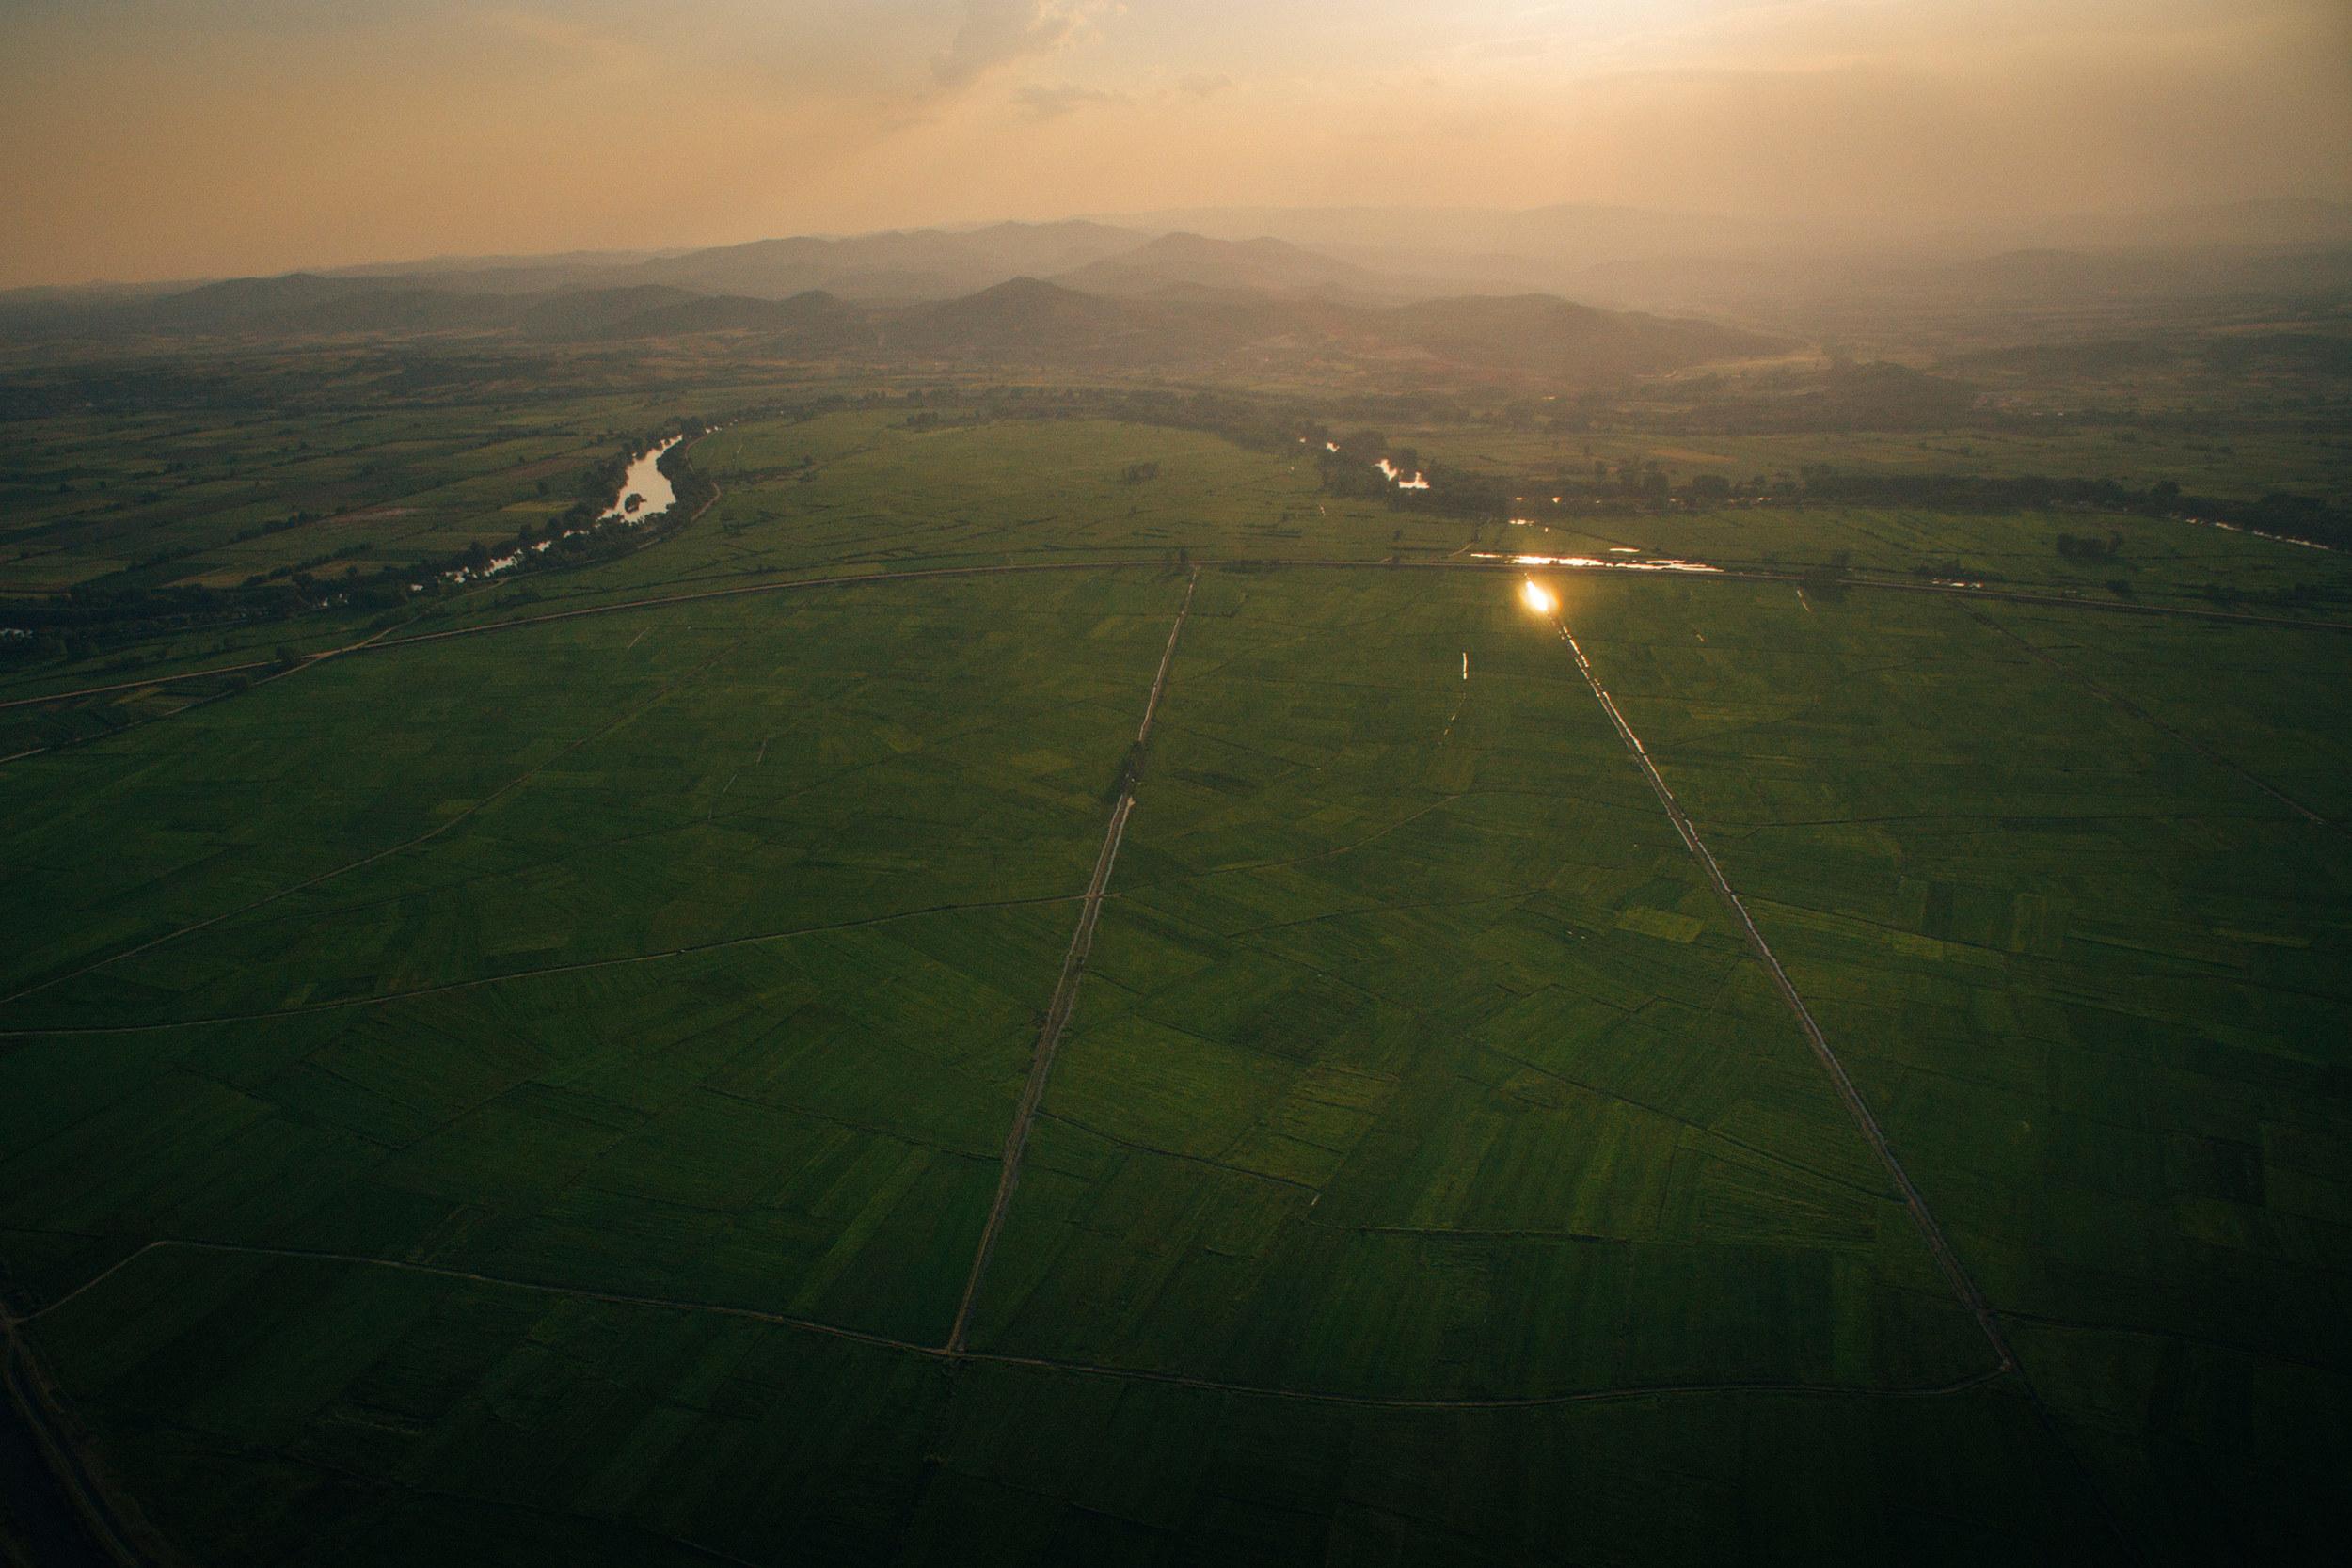 Sunset over green fields